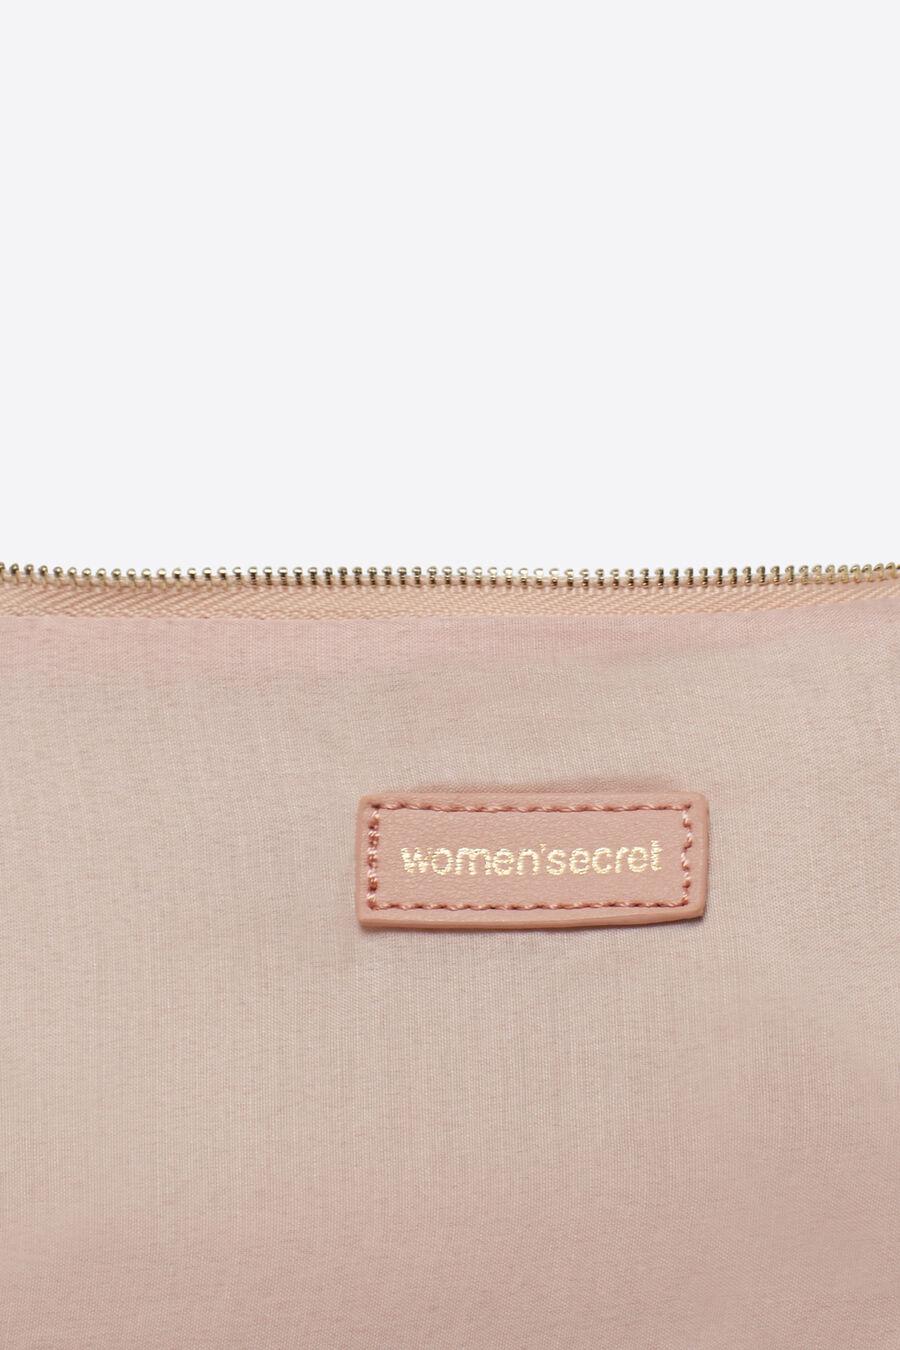 Perforated make up bag